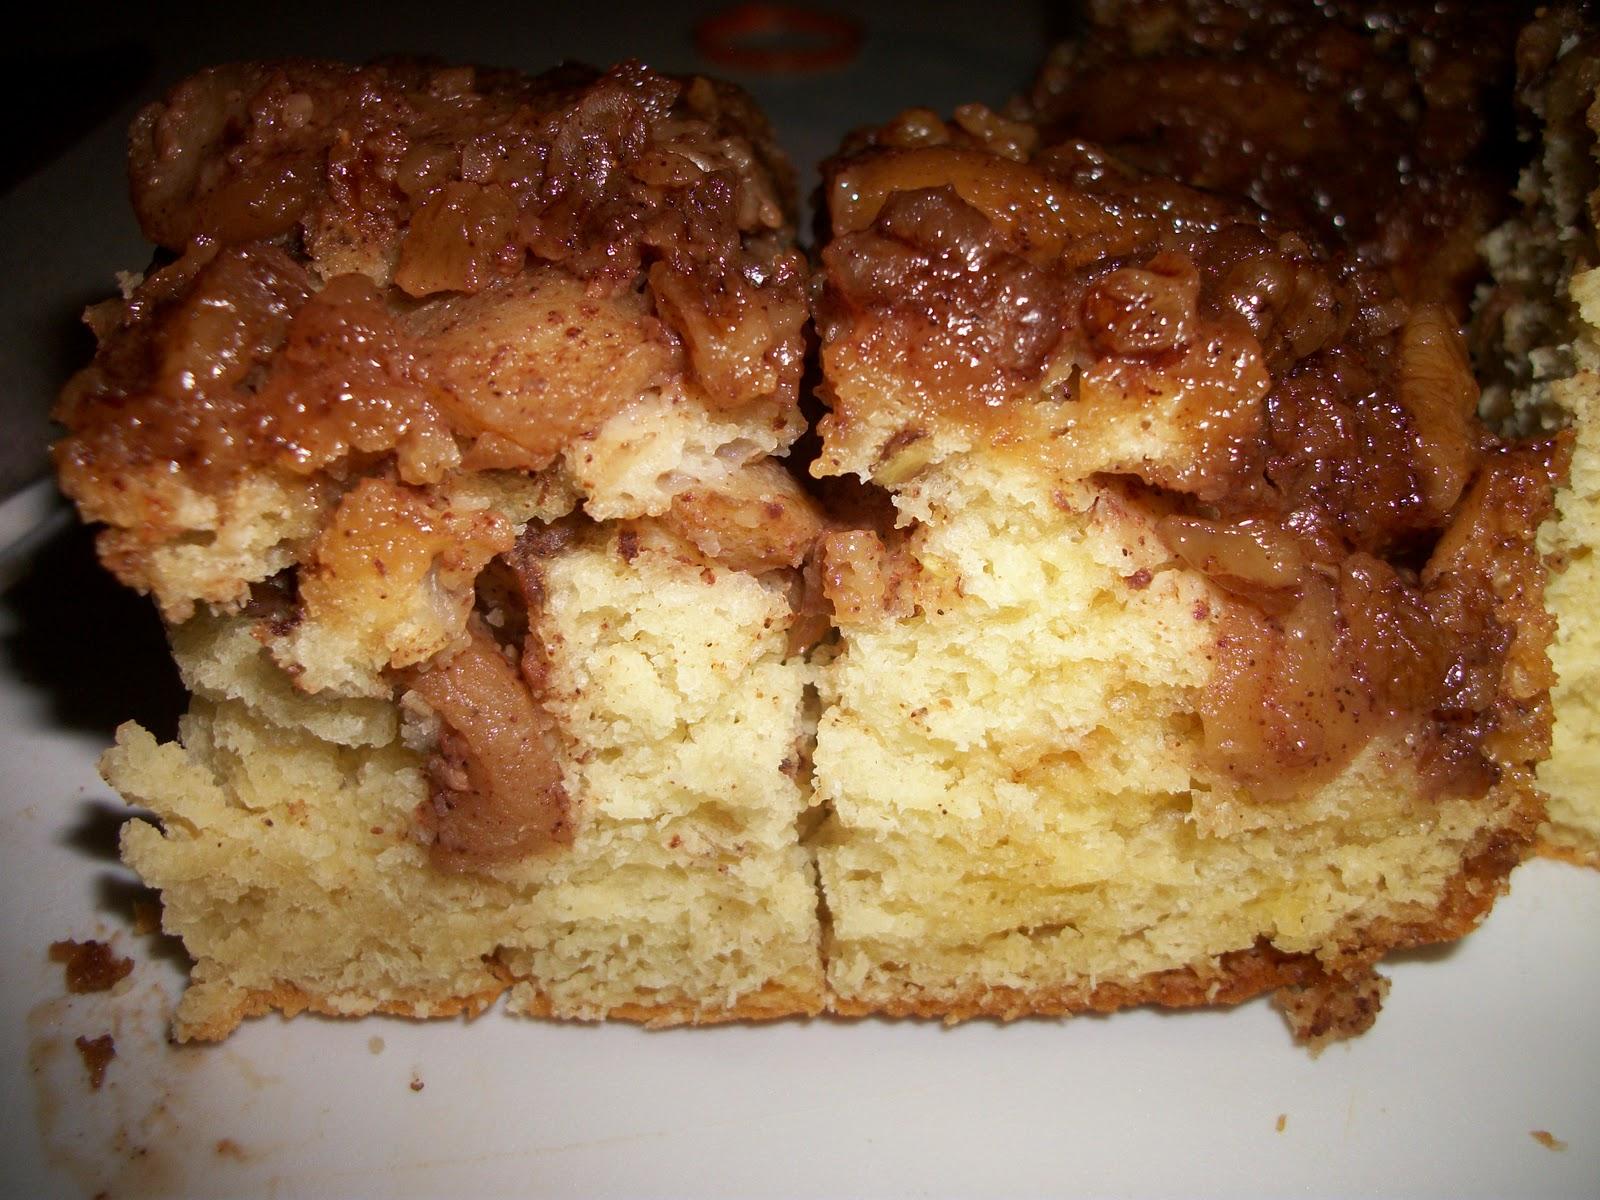 Colletta's Kitchen Sink: Apple Pecan Upside Down Cake